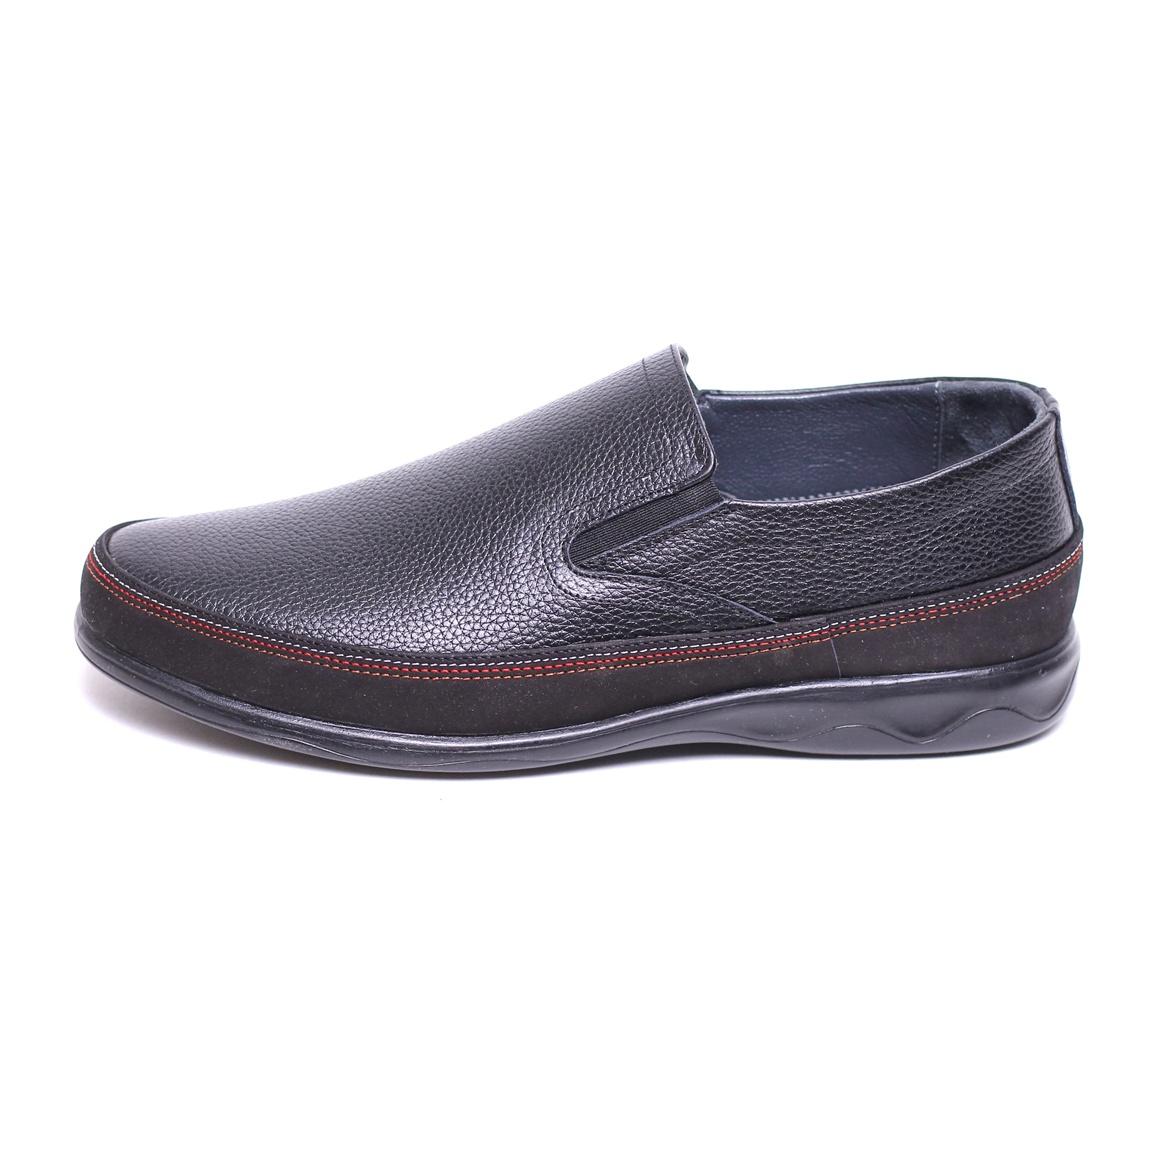 کفش روزمره مردانه پای آرا مدل فرنود 02